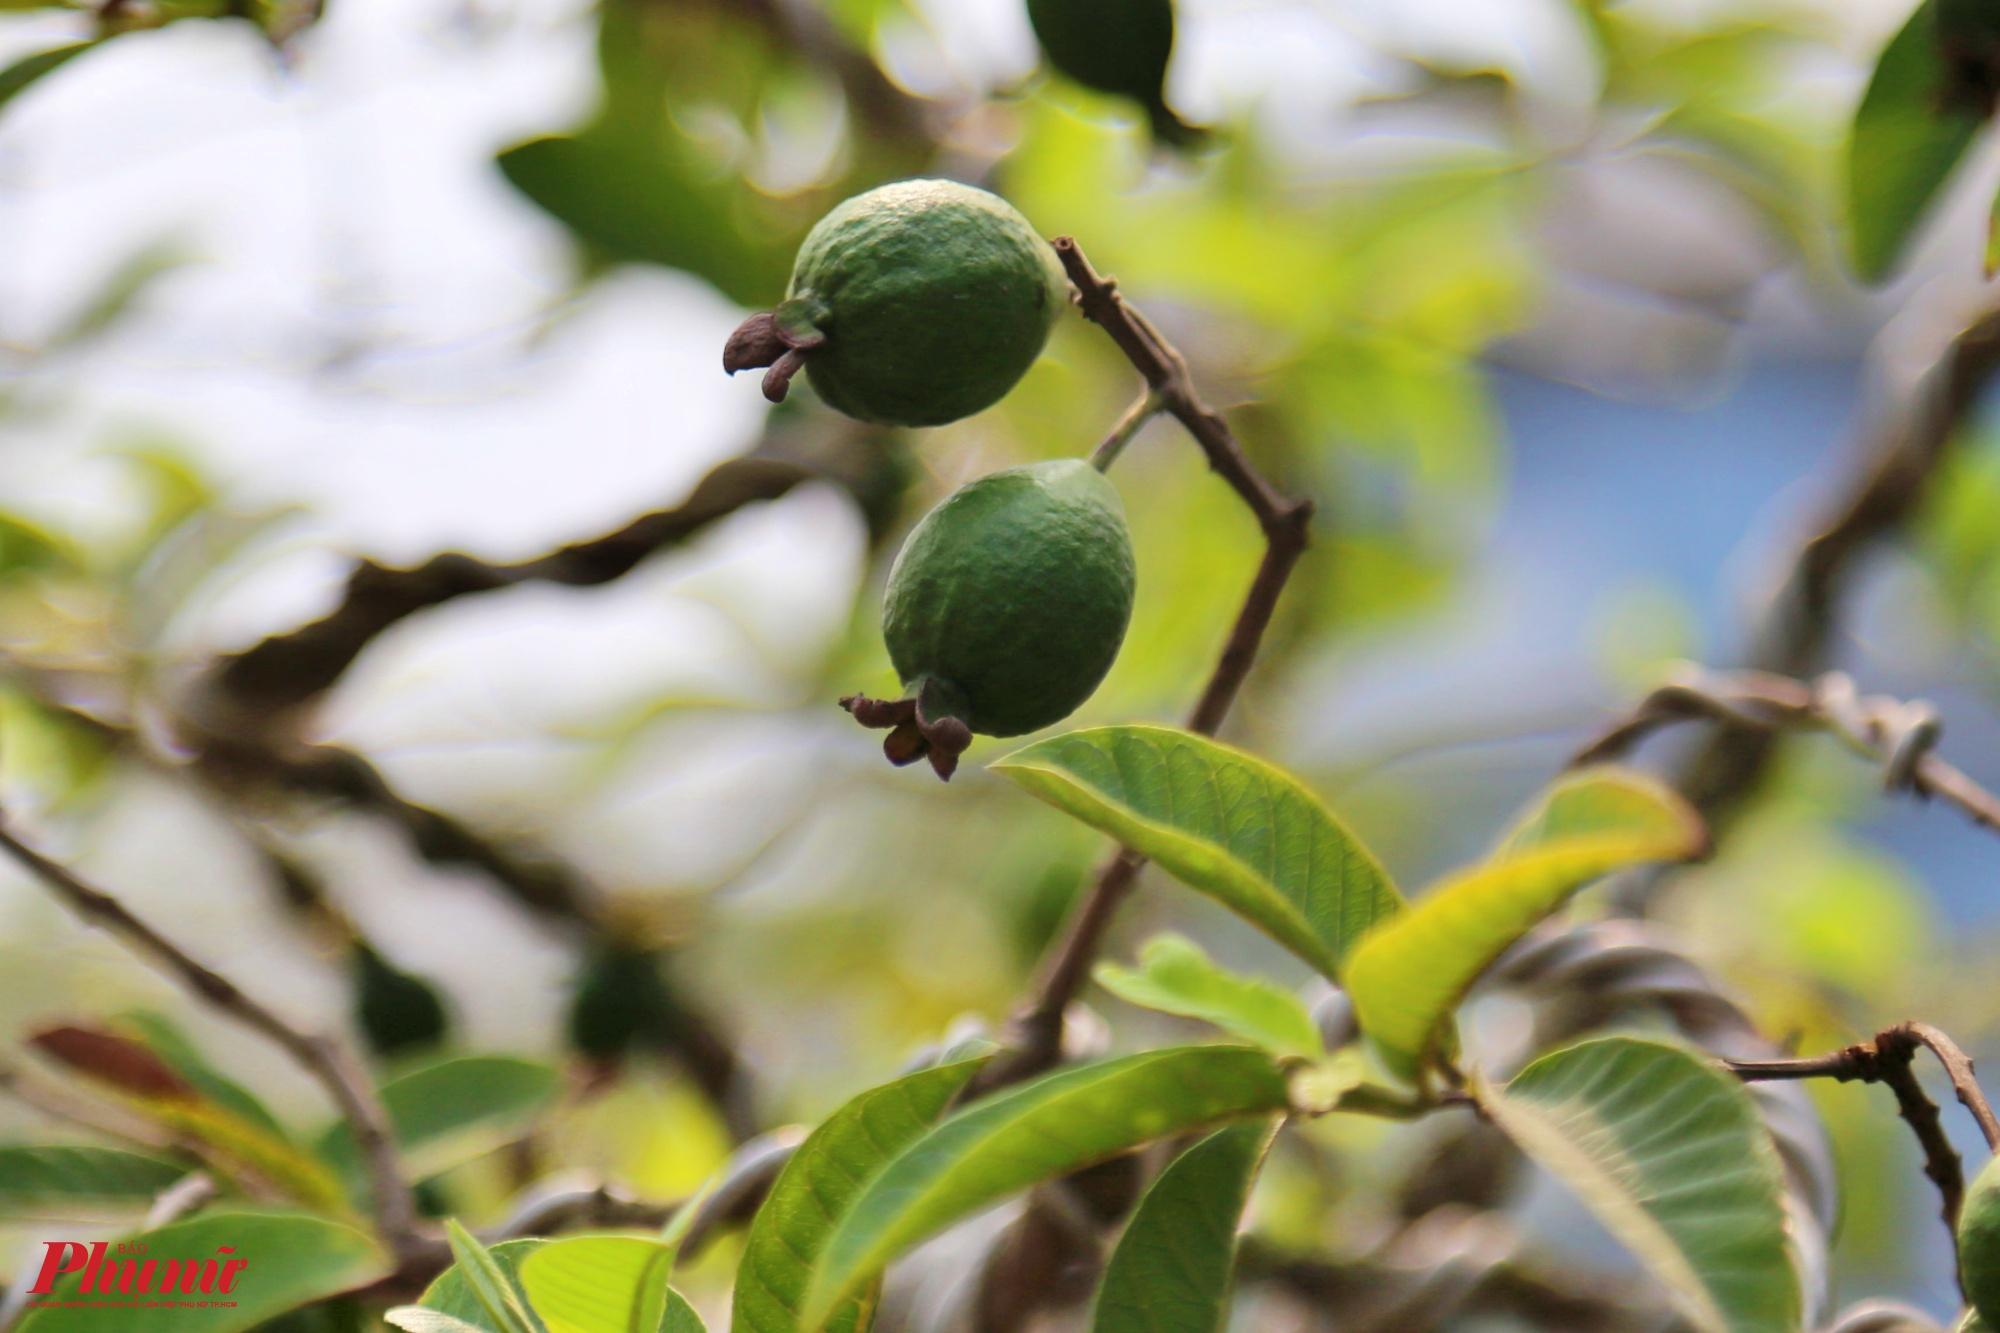 Trái nhỏ, vỏ màu xanh. Khi chín trái rất thơm và ngọt hơn hẳn các giống ổi khác, đây là điểm đặc trưng của giống này